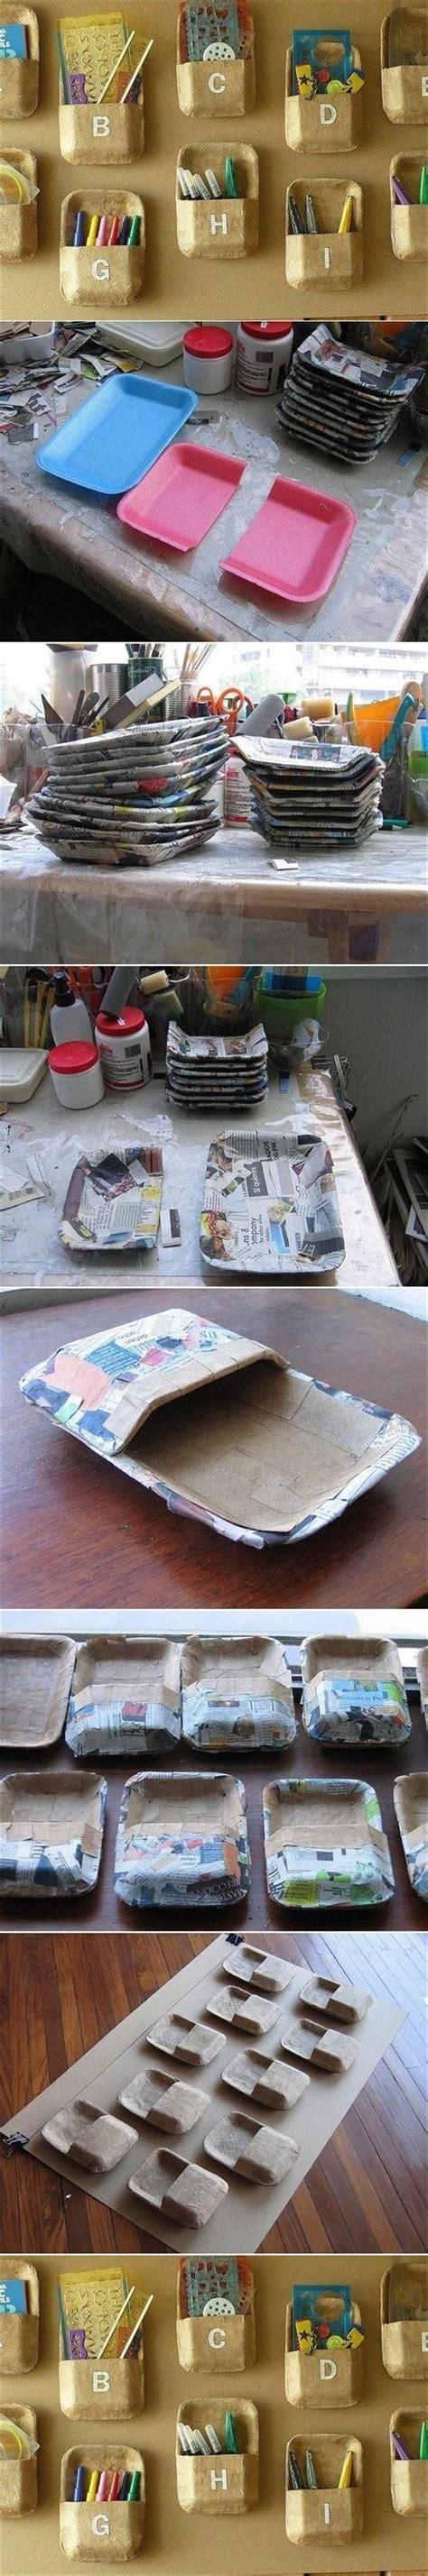 fun do it yourself crafts sheep dump a day teacher school craft ideas dump a day